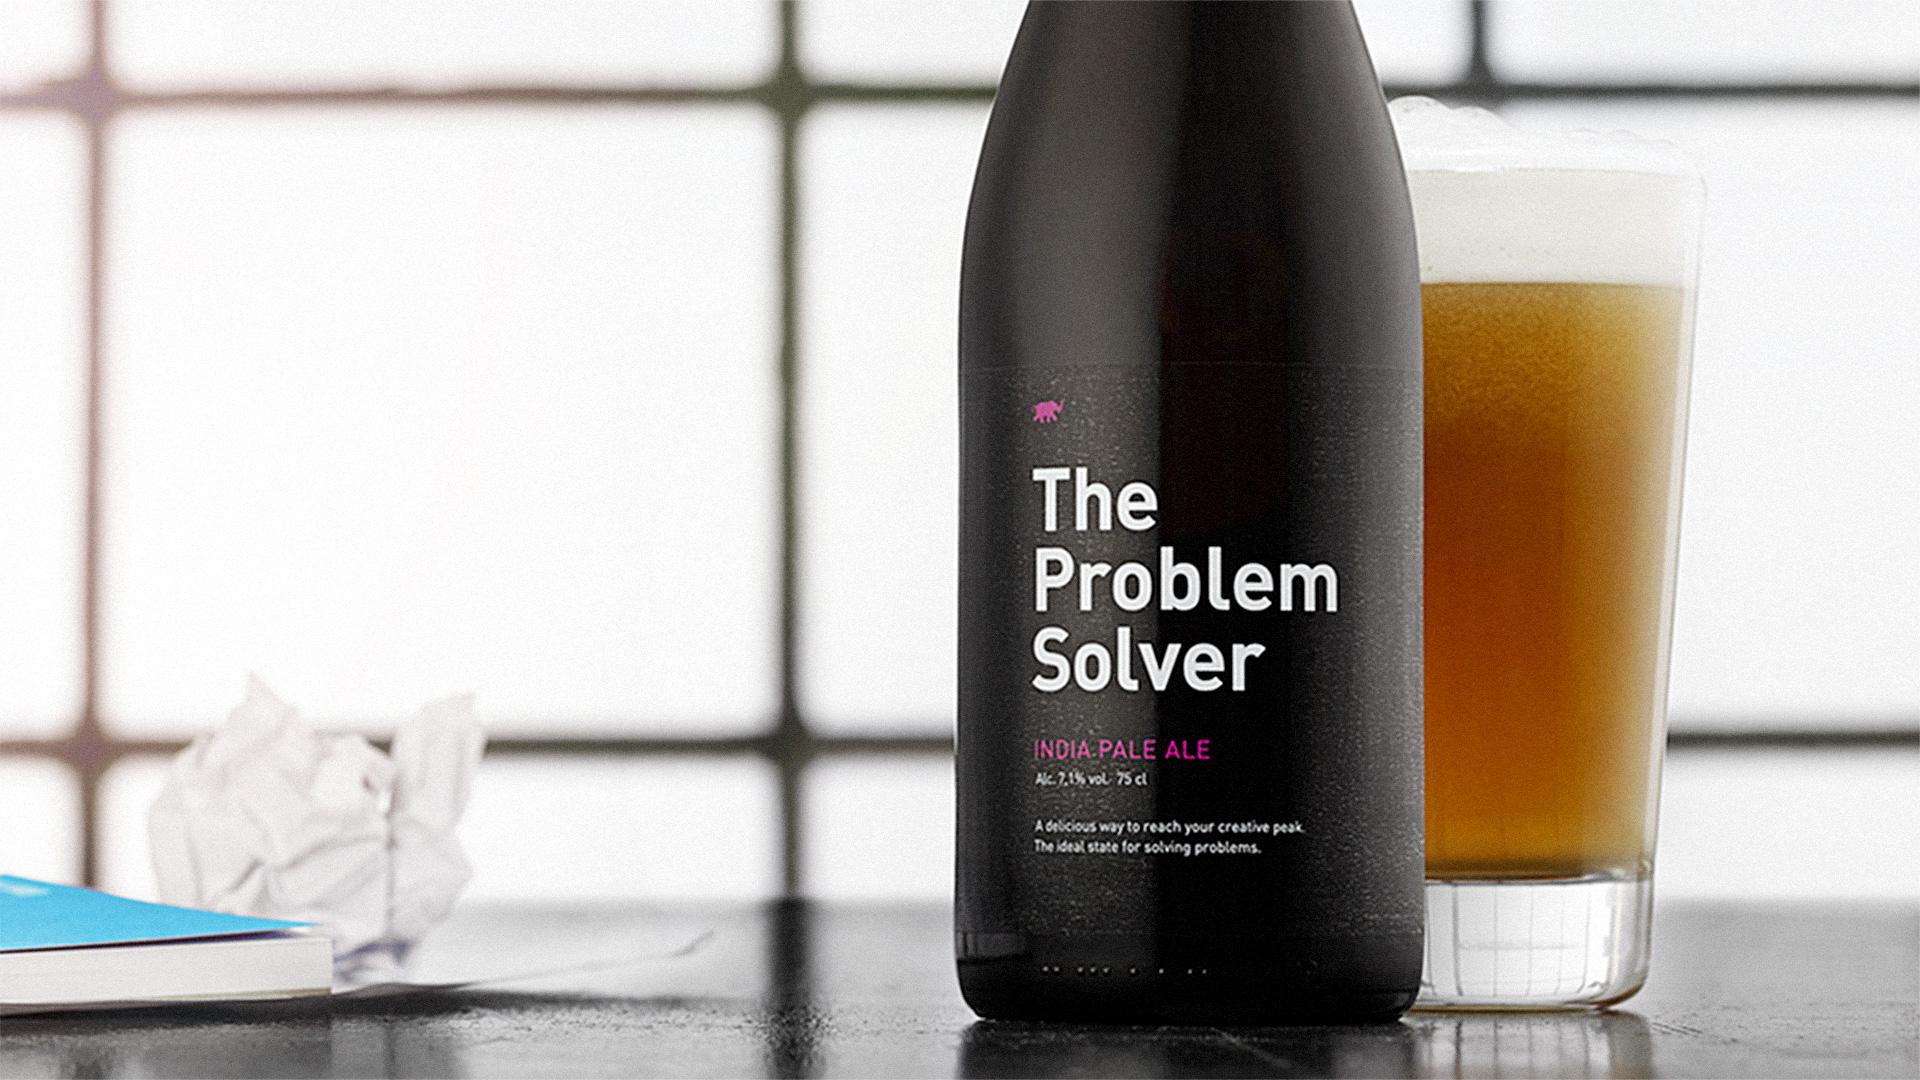 Създадоха бира, която те прави по-креативен